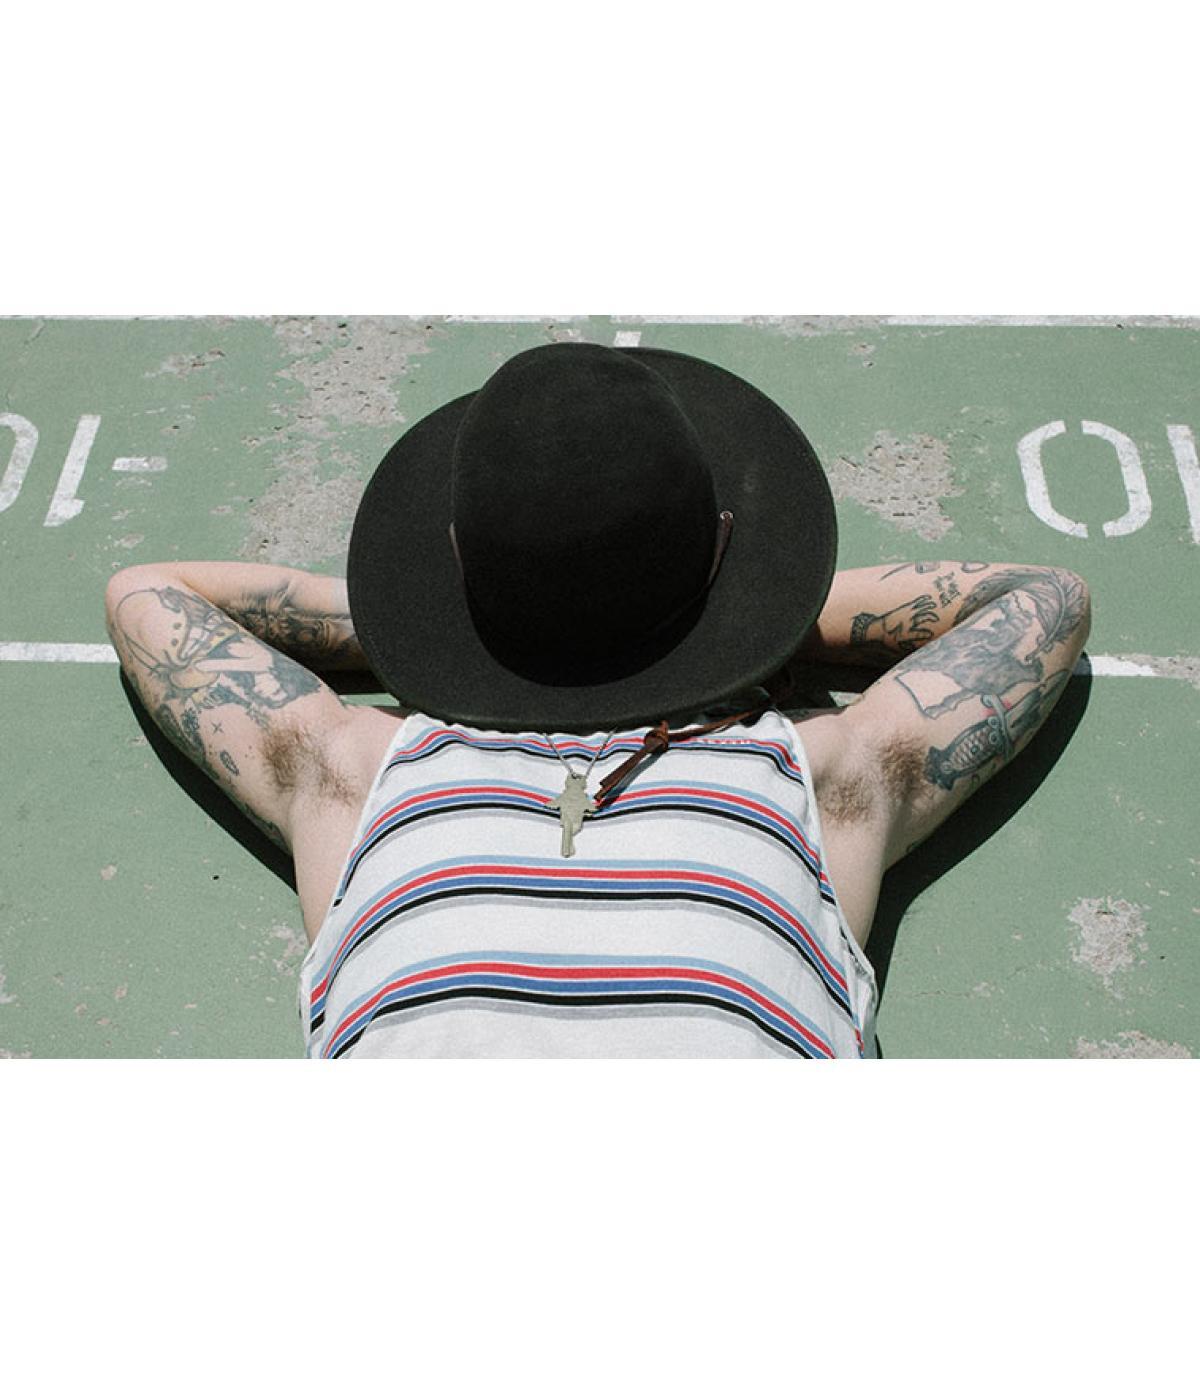 Details Tiller zwarte hoed - afbeeling 5